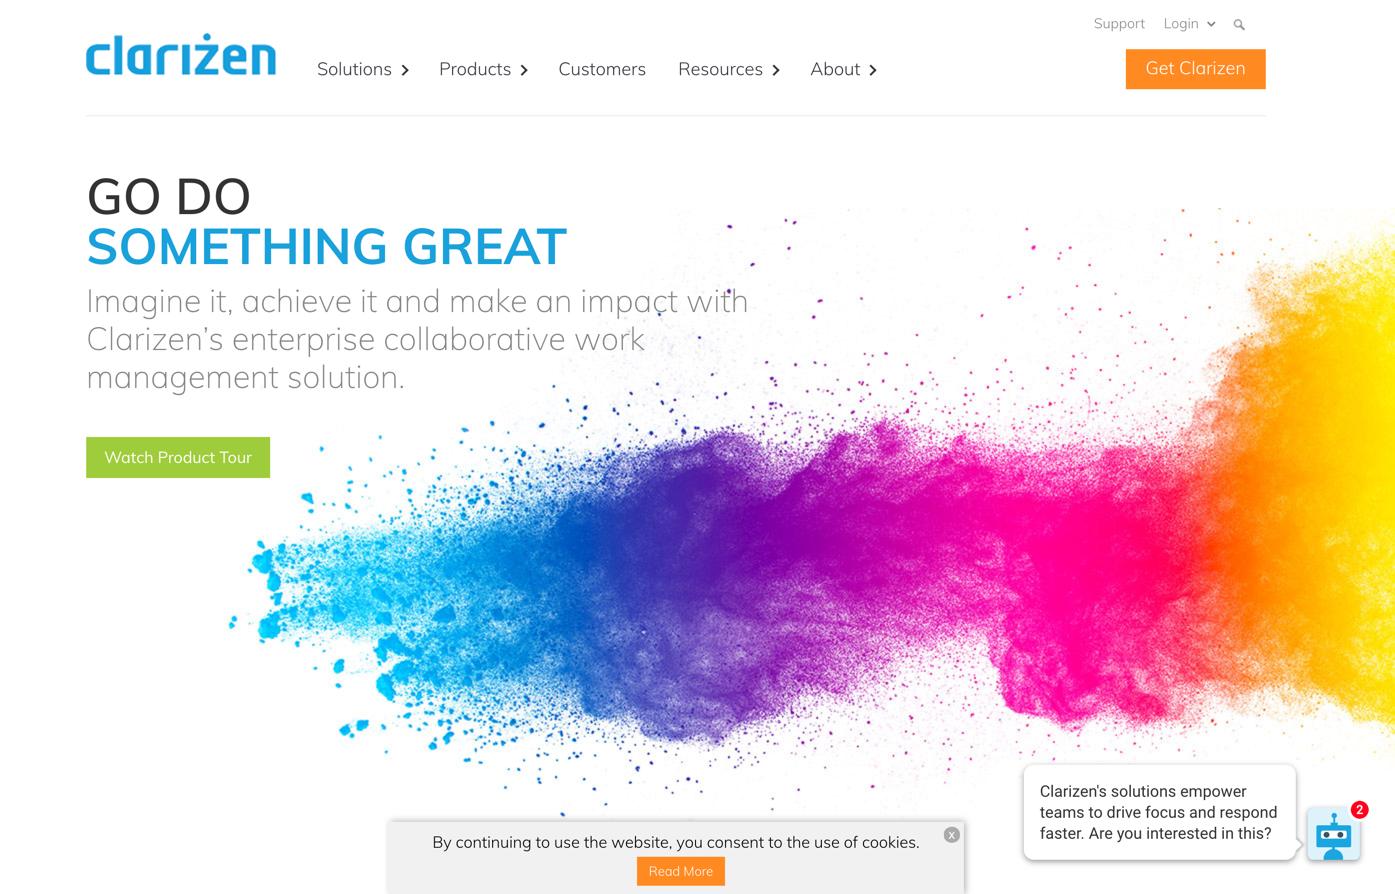 clarizen homepage